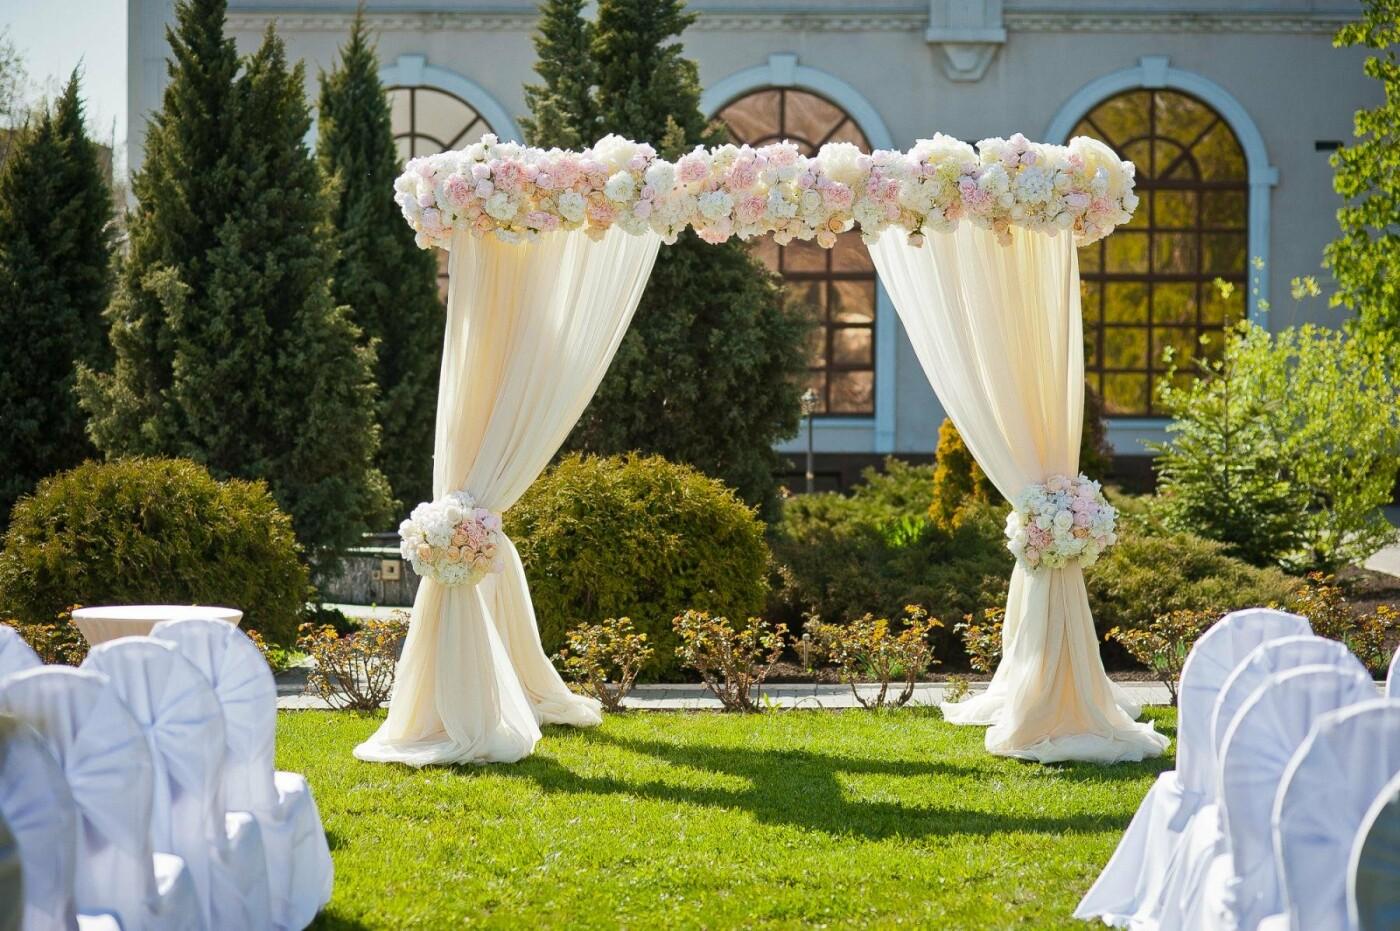 28 января в ресторане ВиМарко пройдет мастер-класс для невест от агентства Marry Me, фото-3